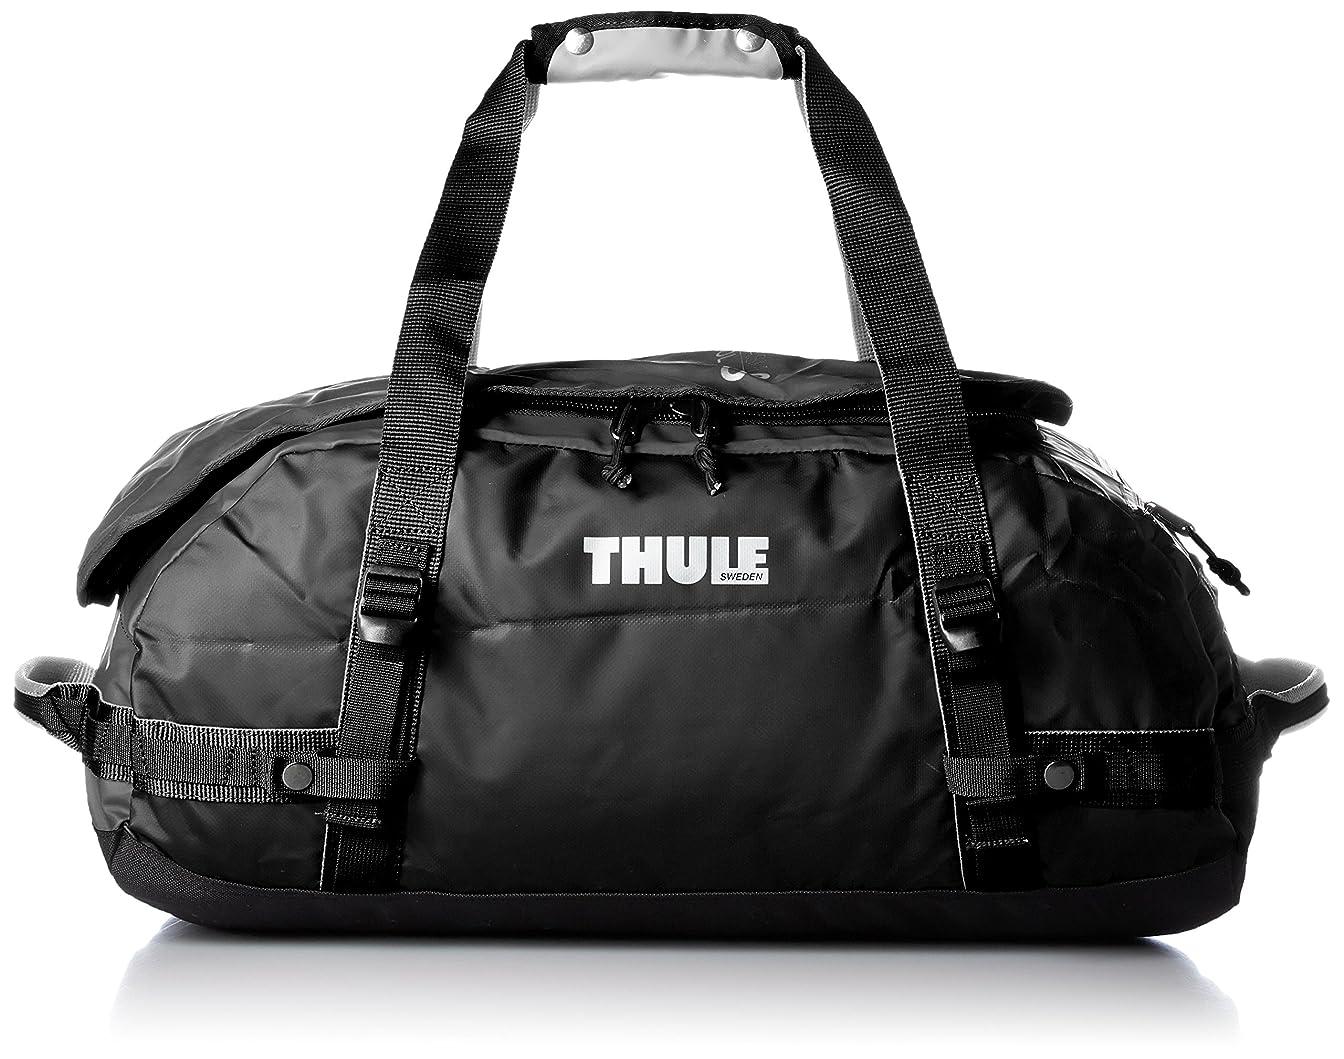 大気広くタクト[スーリー] THULE Chasm 40L ボストンバッグ バックパック Sサイズ TCHS-S